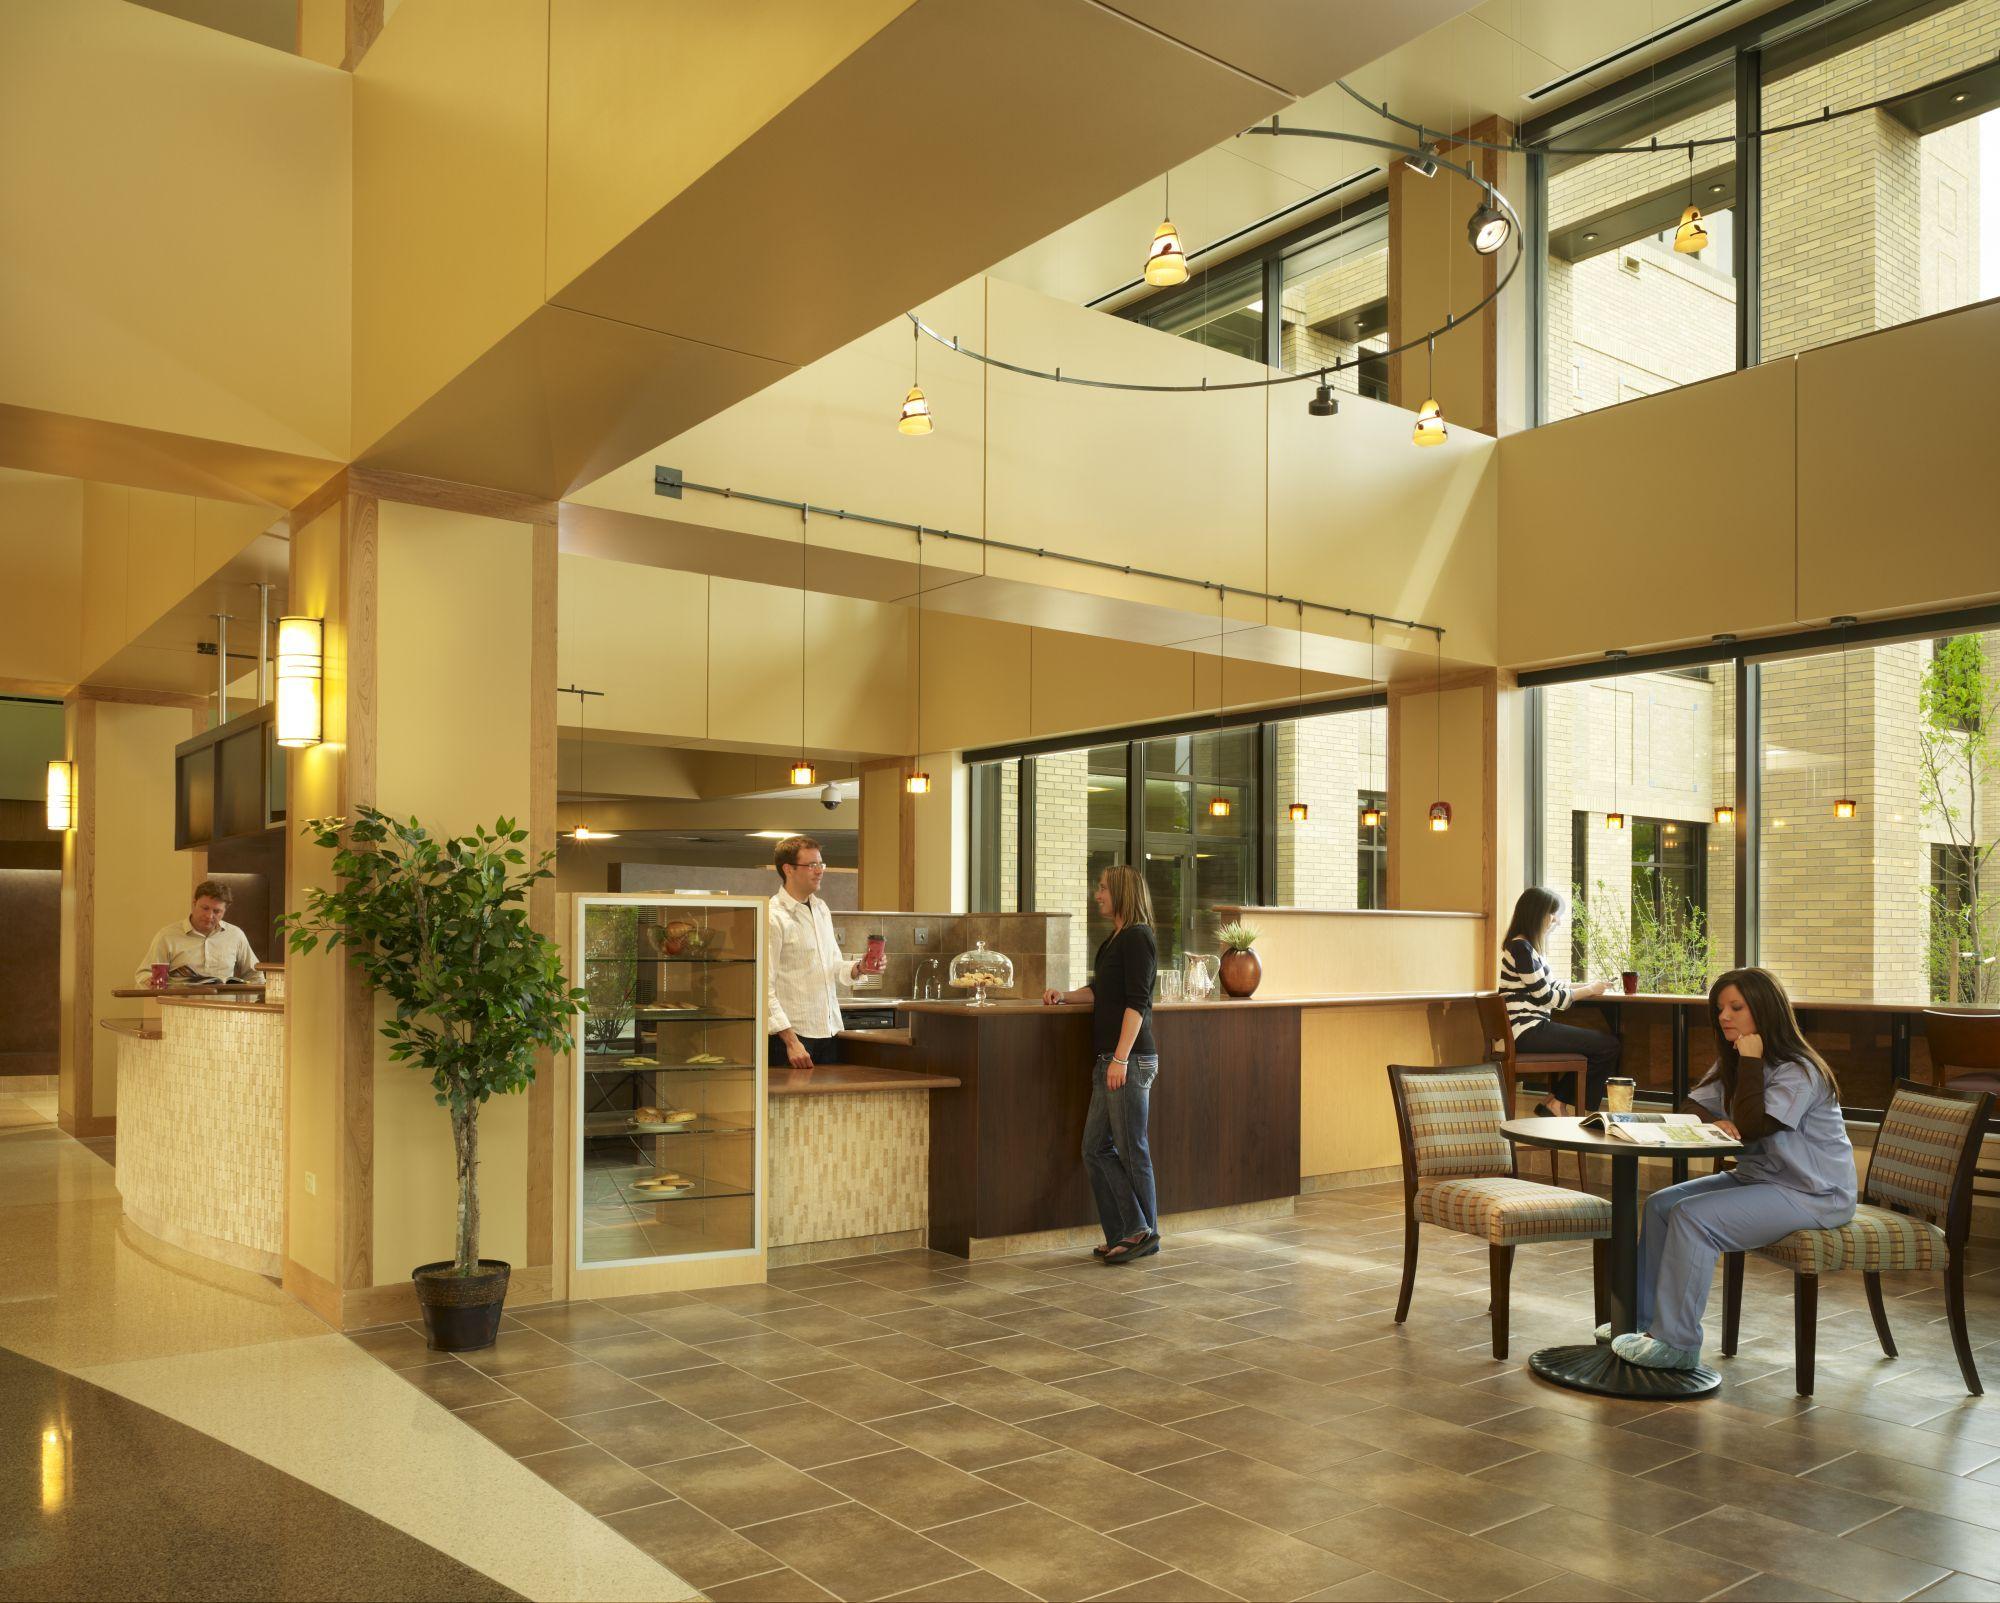 H&L Hospital Cafe 57mb.jpg